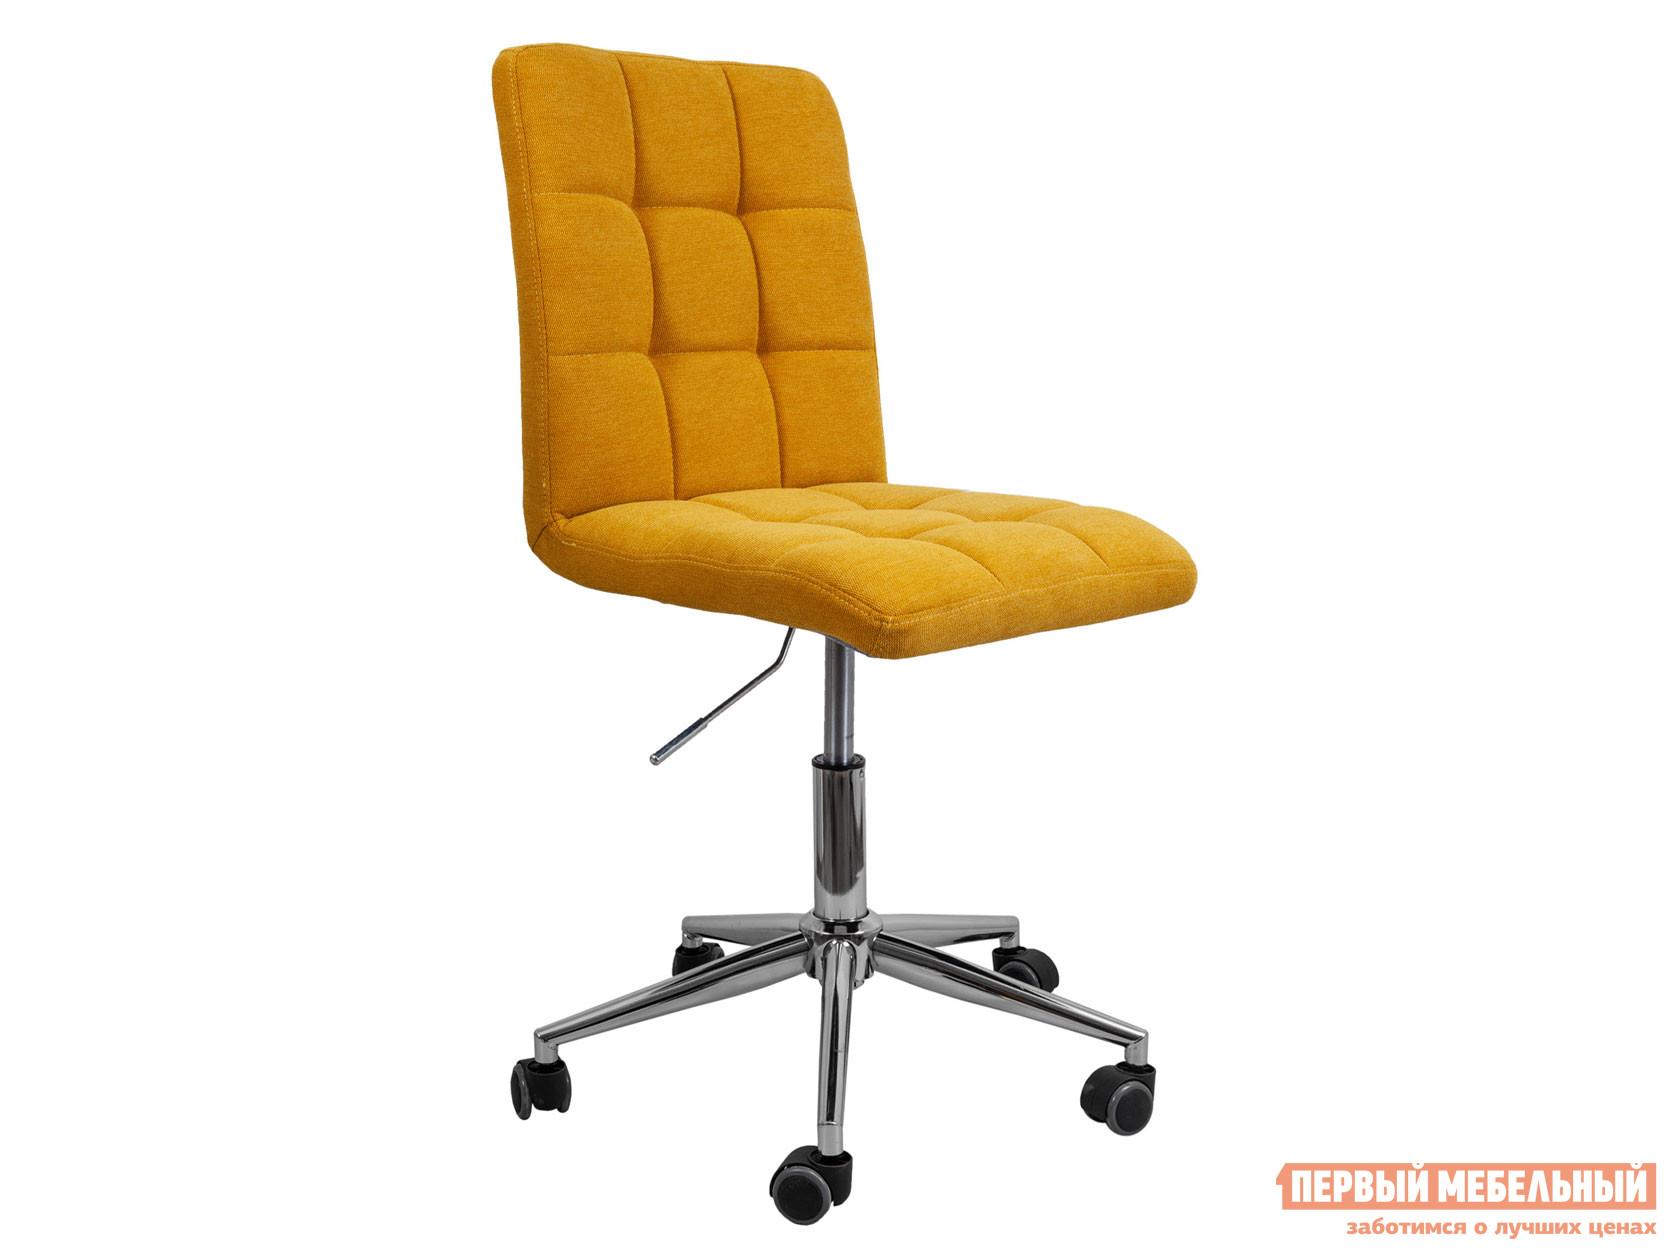 Офисное кресло  Стул FIJI, поворотный Желтый, ткань / Хром Sedia 124844